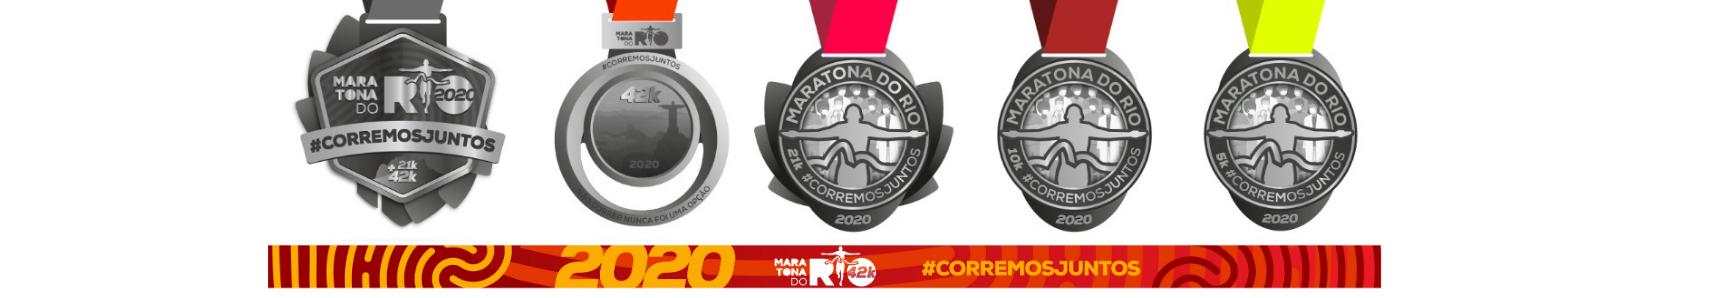 Gravação de Medalhas | Maratona do Rio